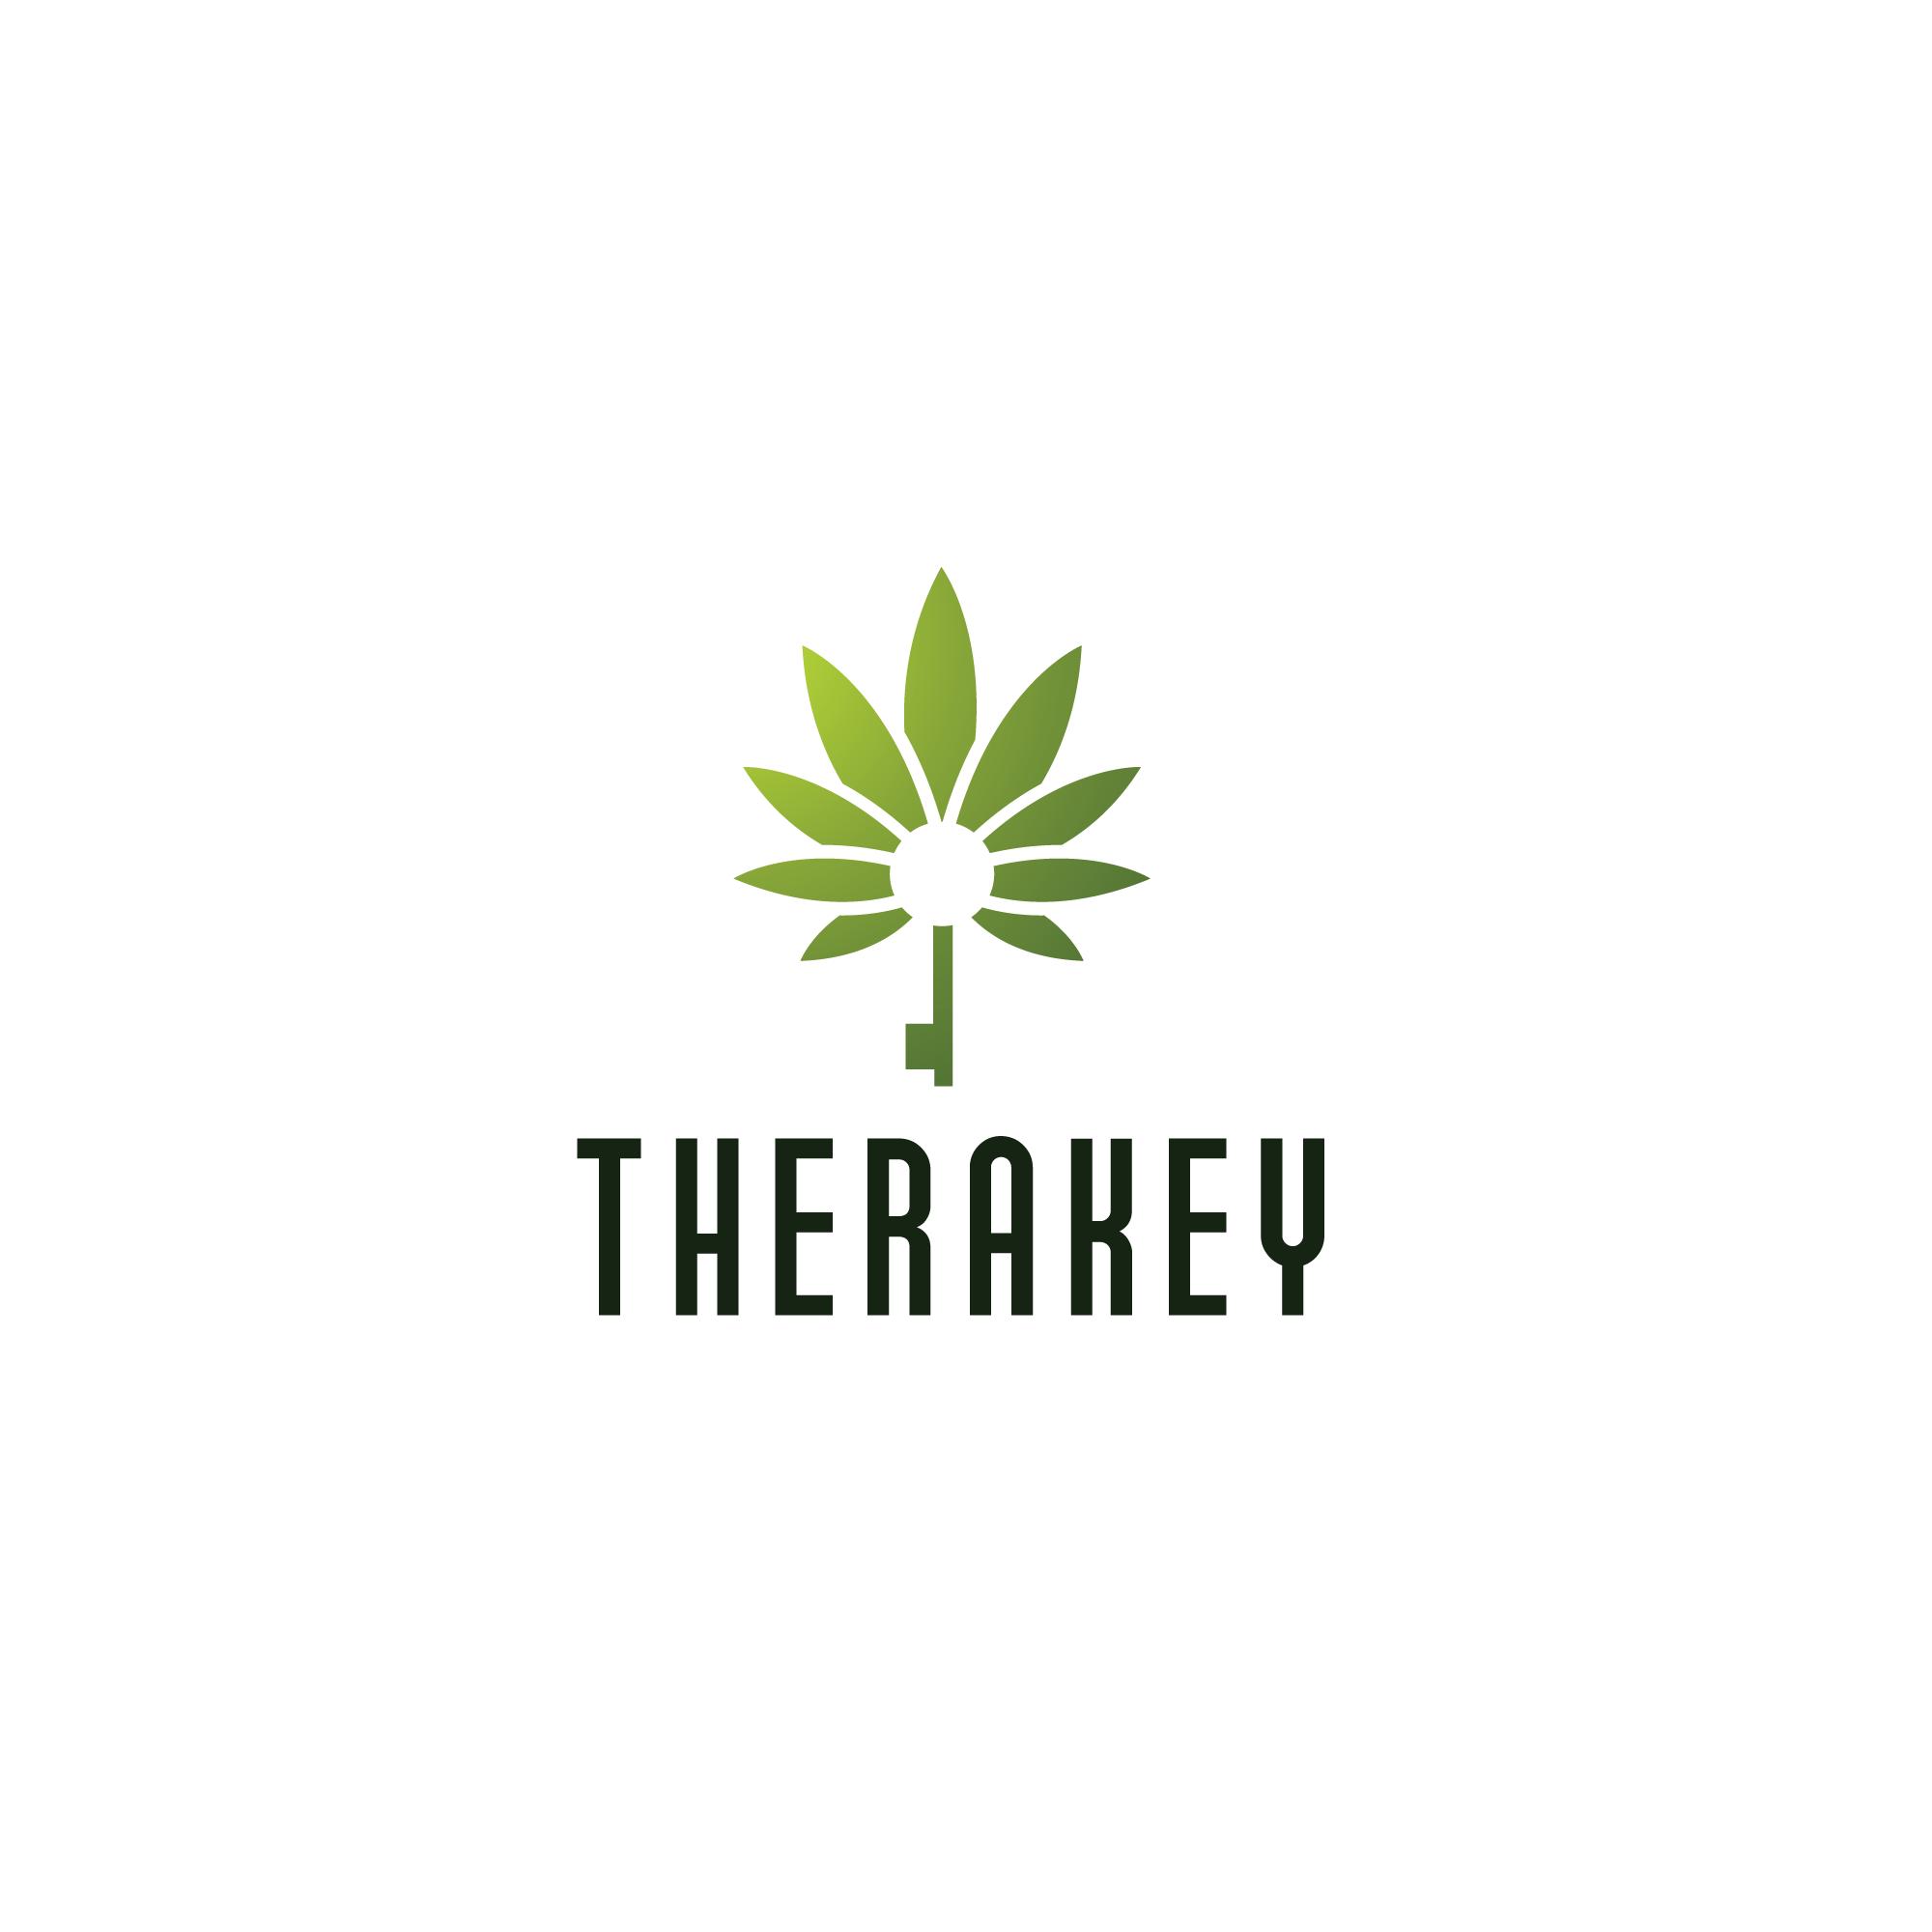 For Sale: Therakey Key Leaf Logo.